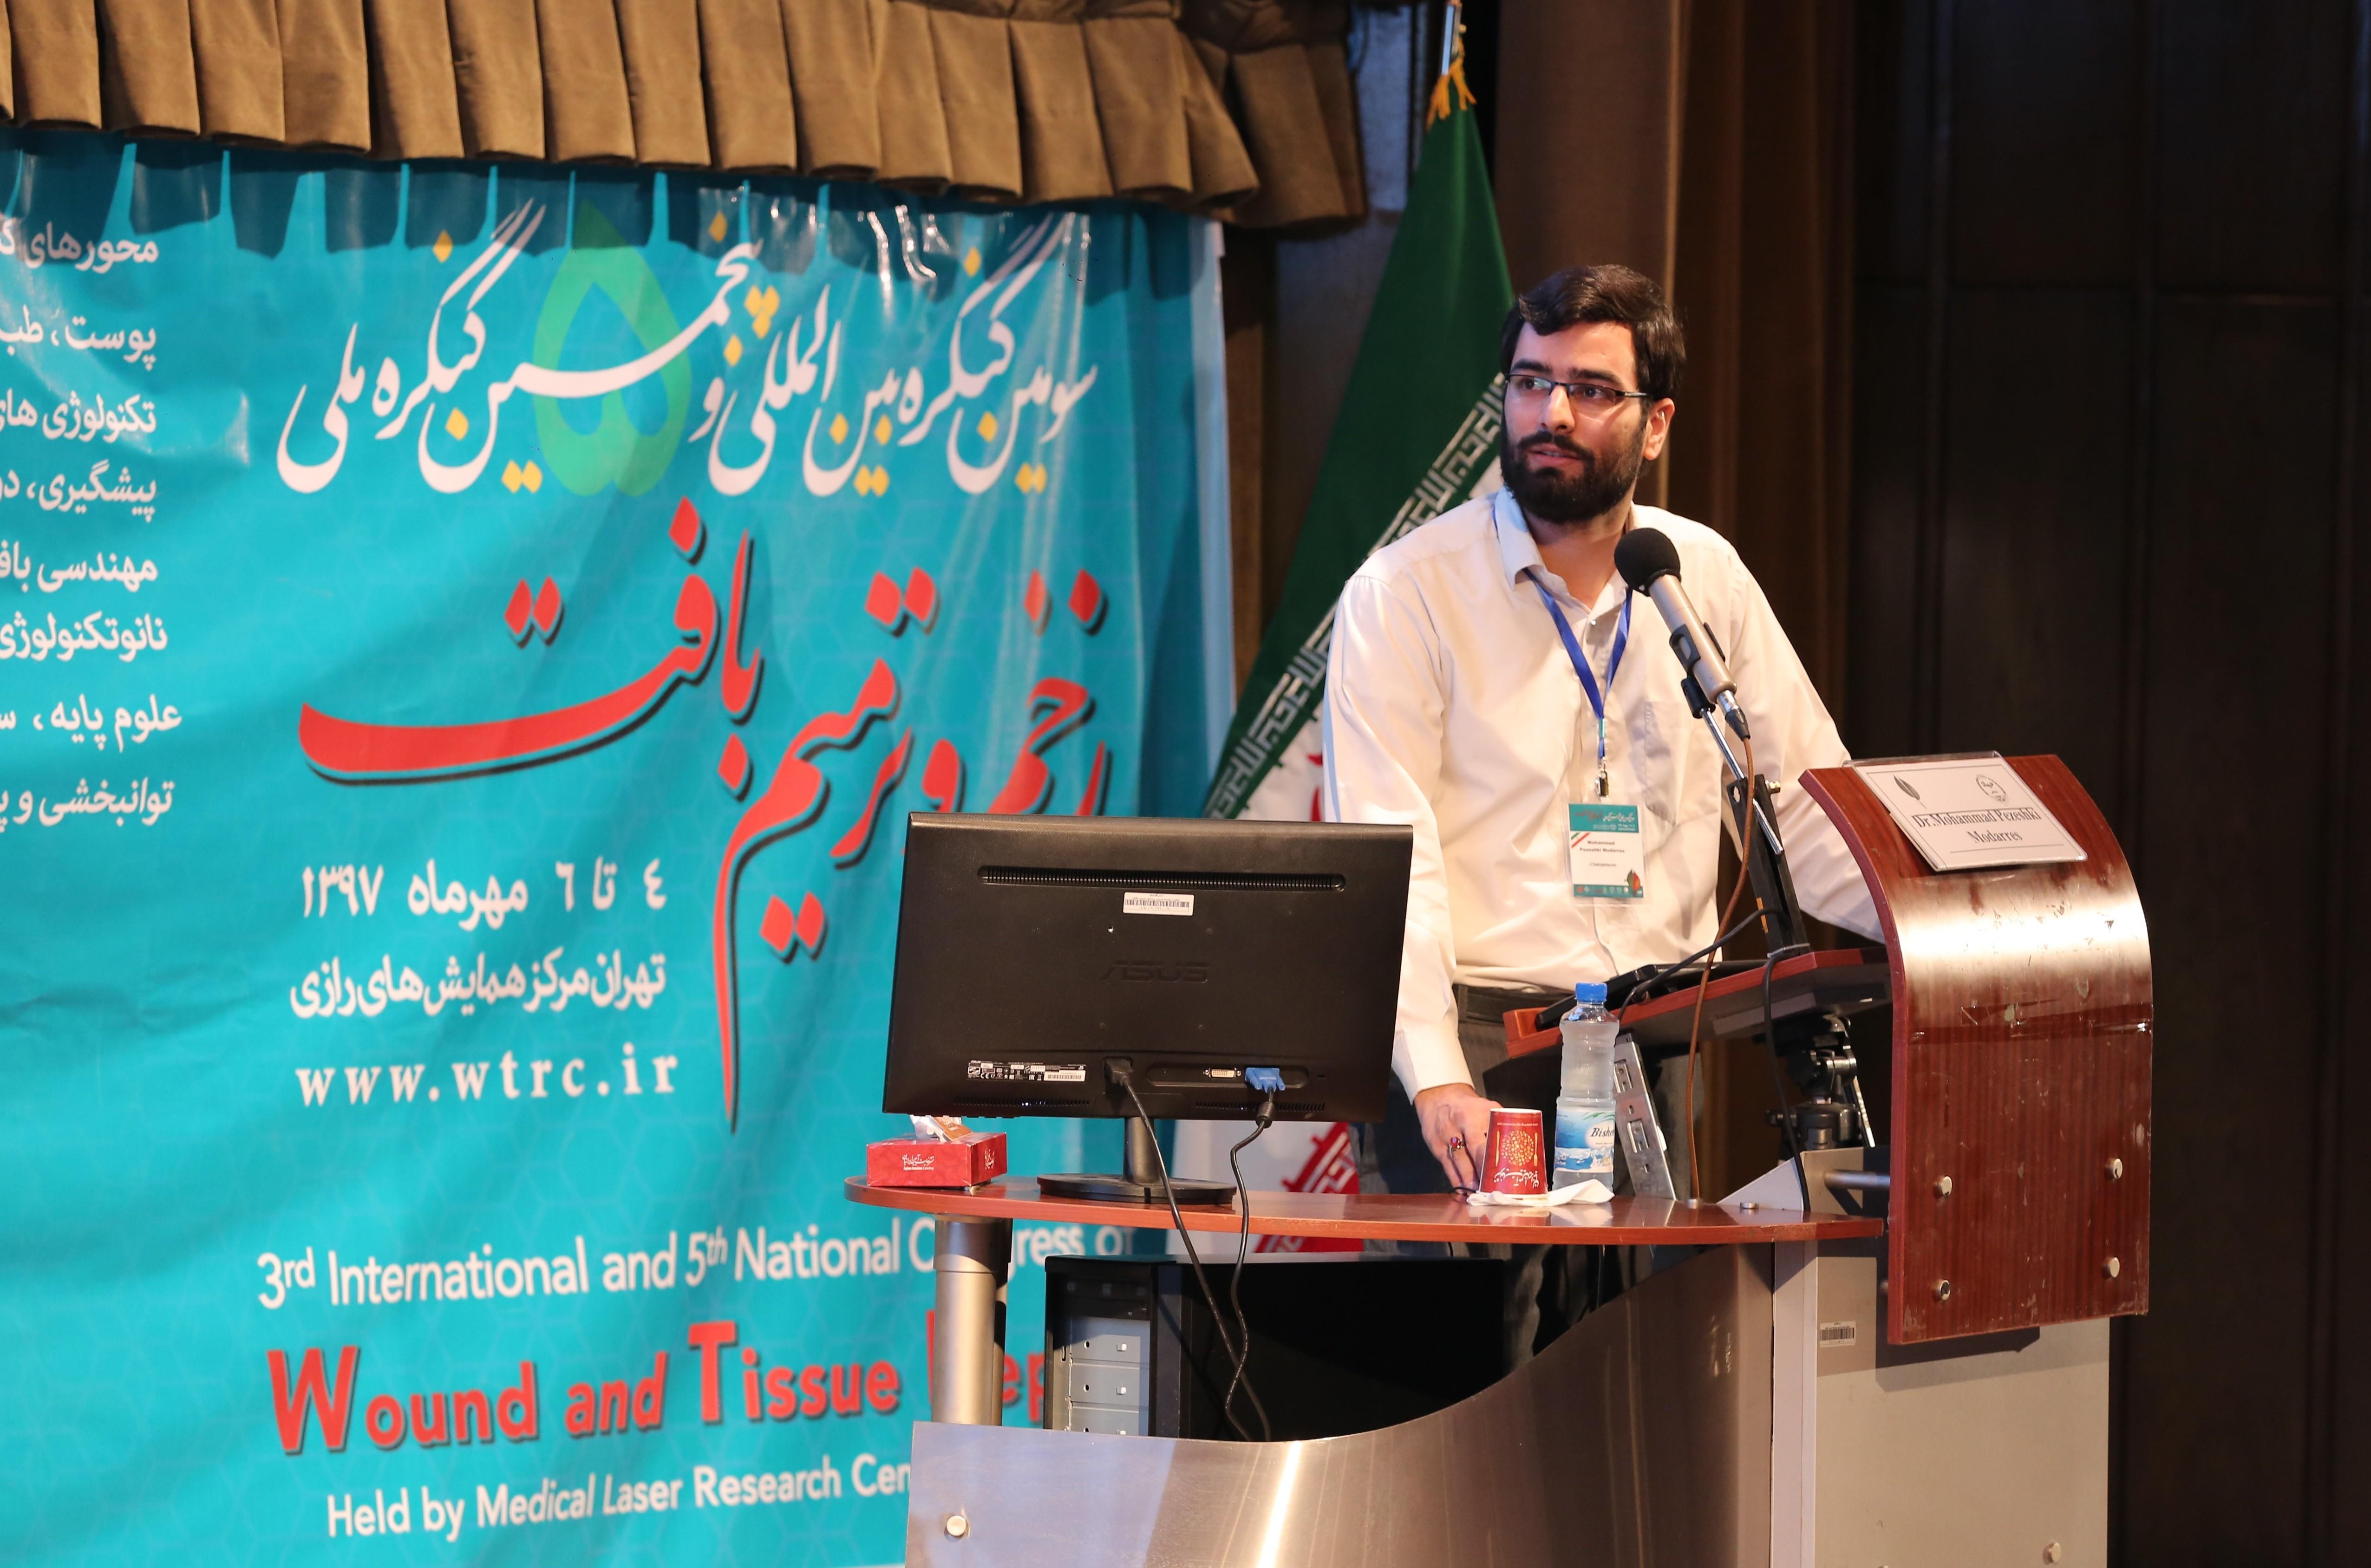 سخنران برتر سومین کنگره بین المللی و پنجمین کنگره ملی زخم و ترمیم بافت